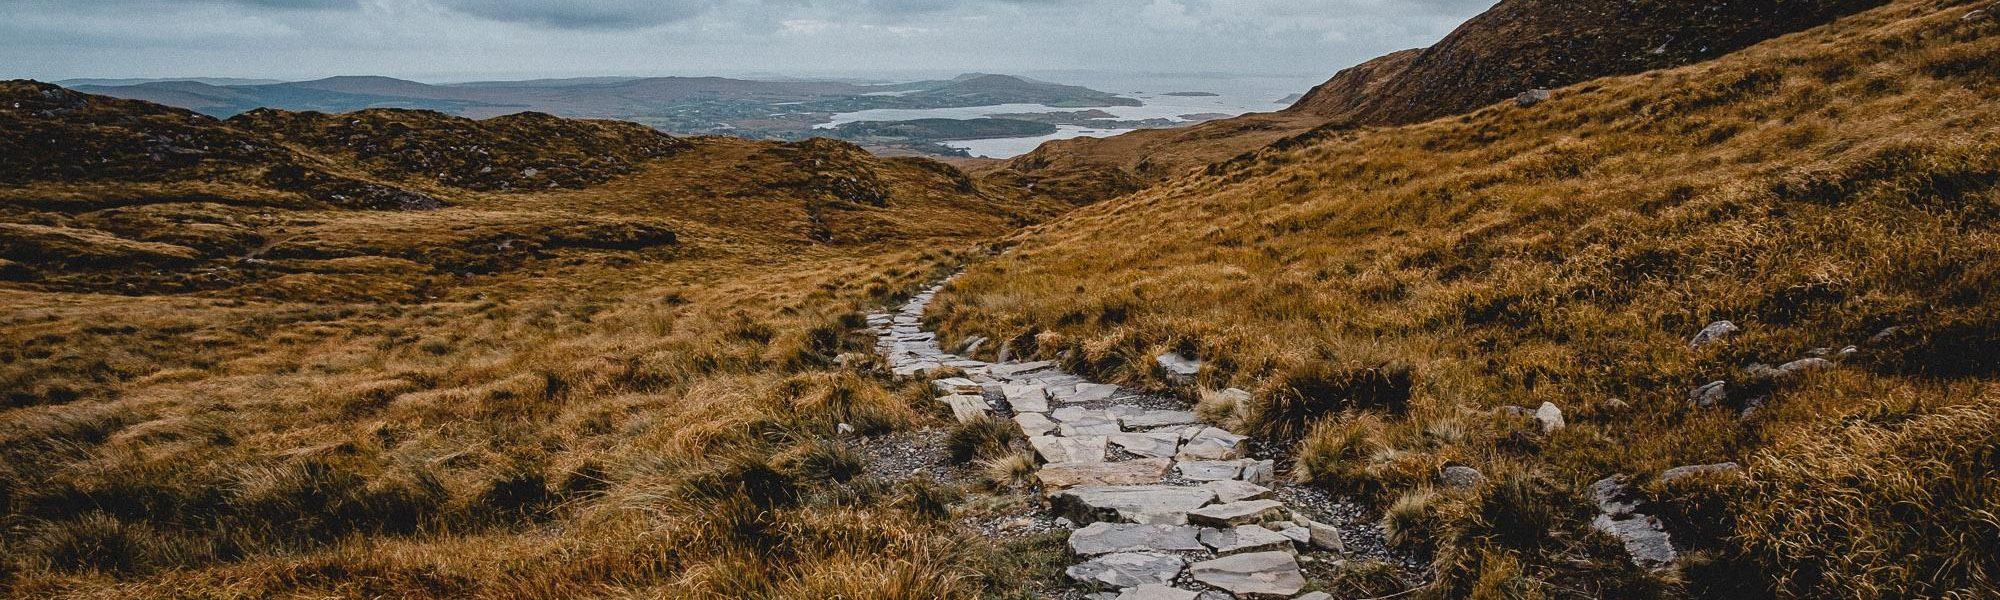 Irland Connemara National Park 01